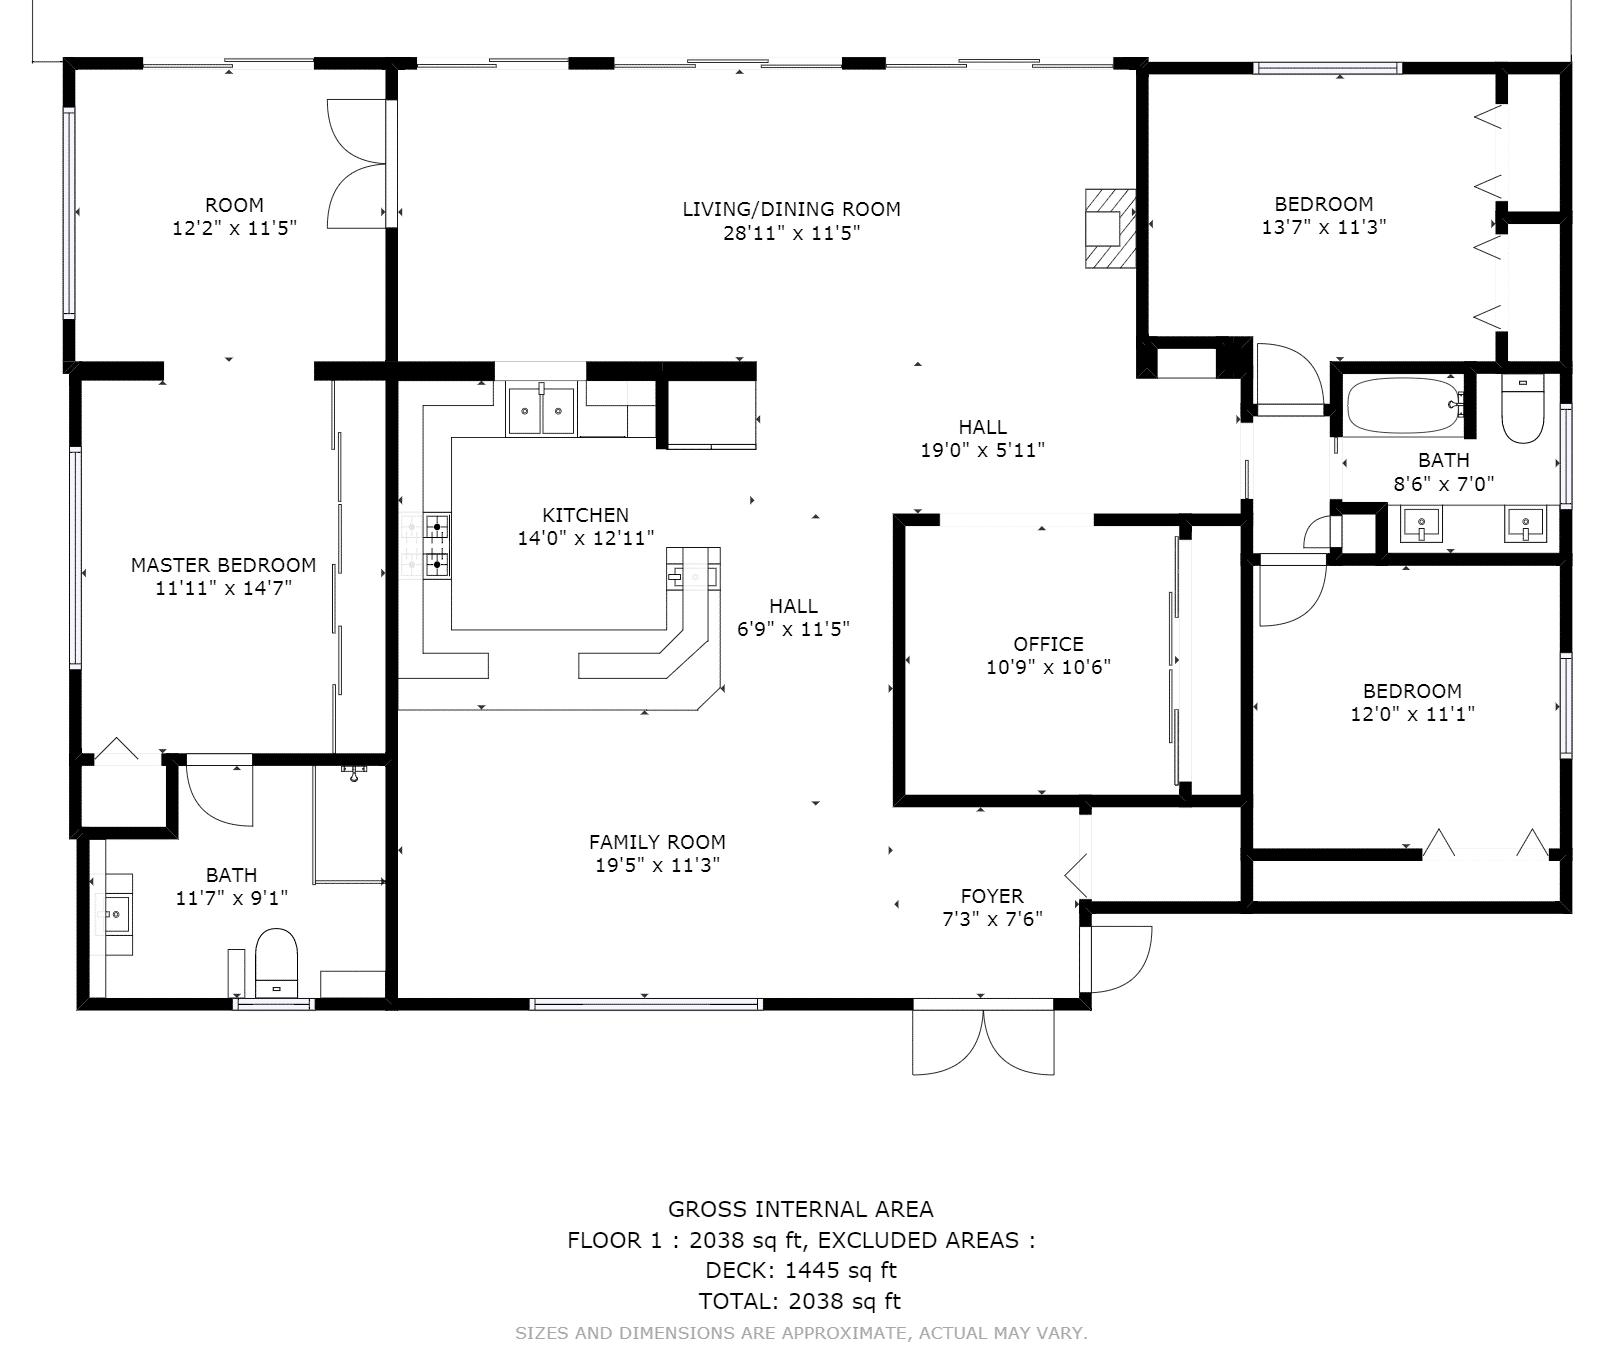 Matterport Floor-plan